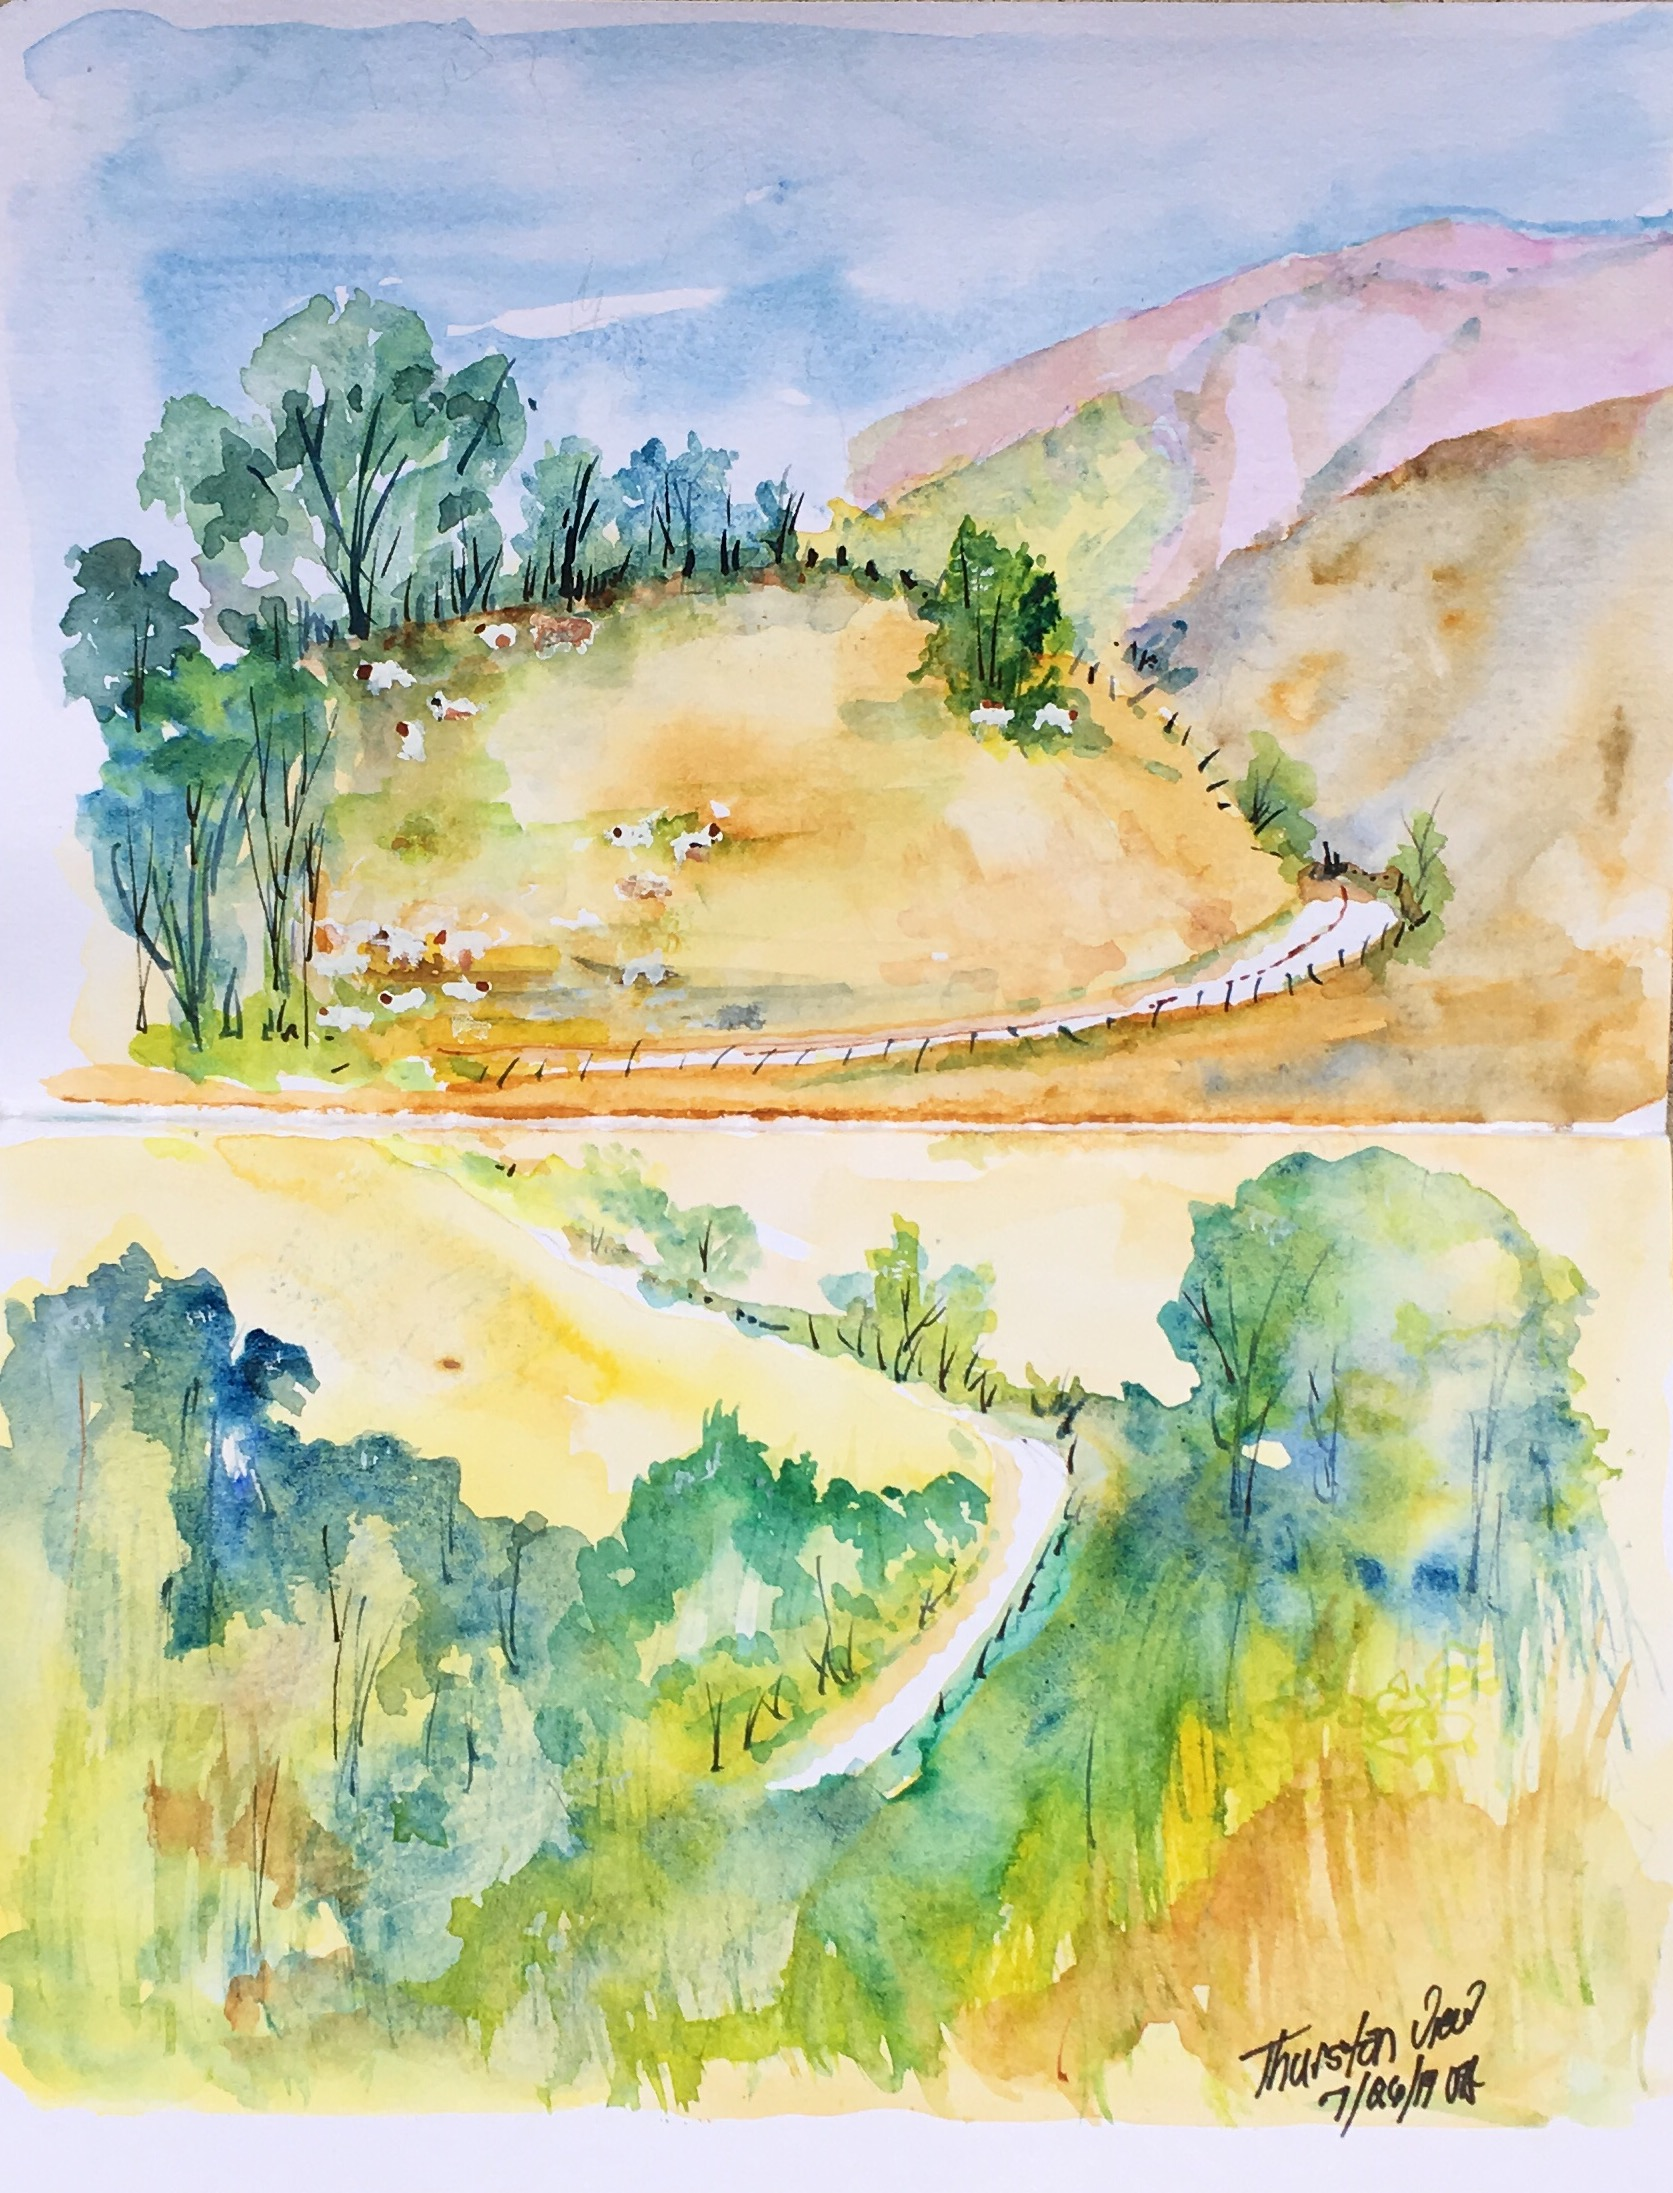 Thurston View